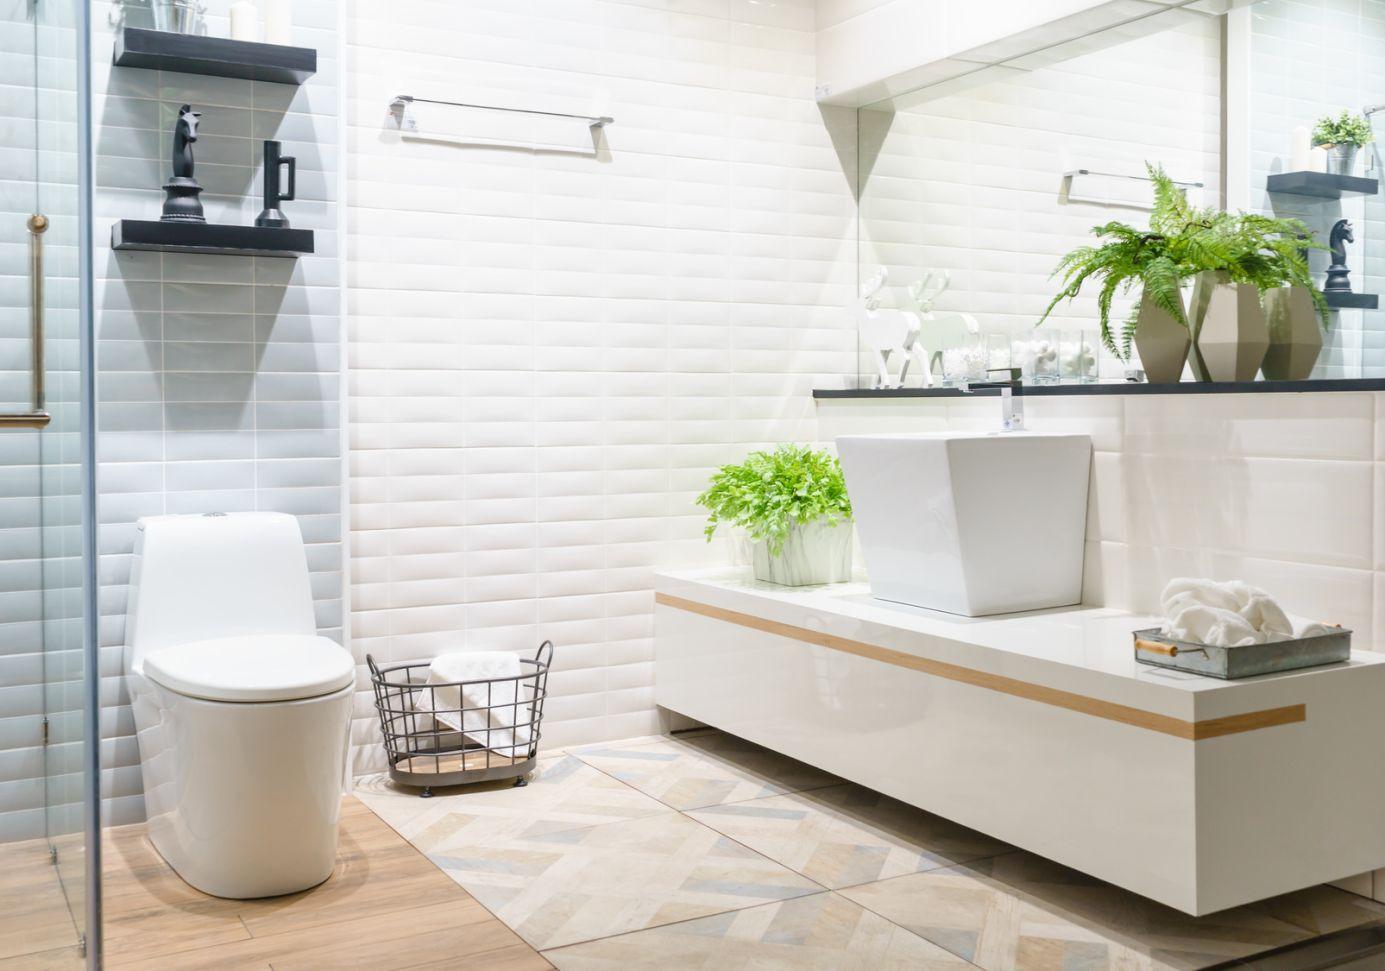 Comment Aménager Une Petite Salle De Bain Logéhome - Comment amenager une salle de bain